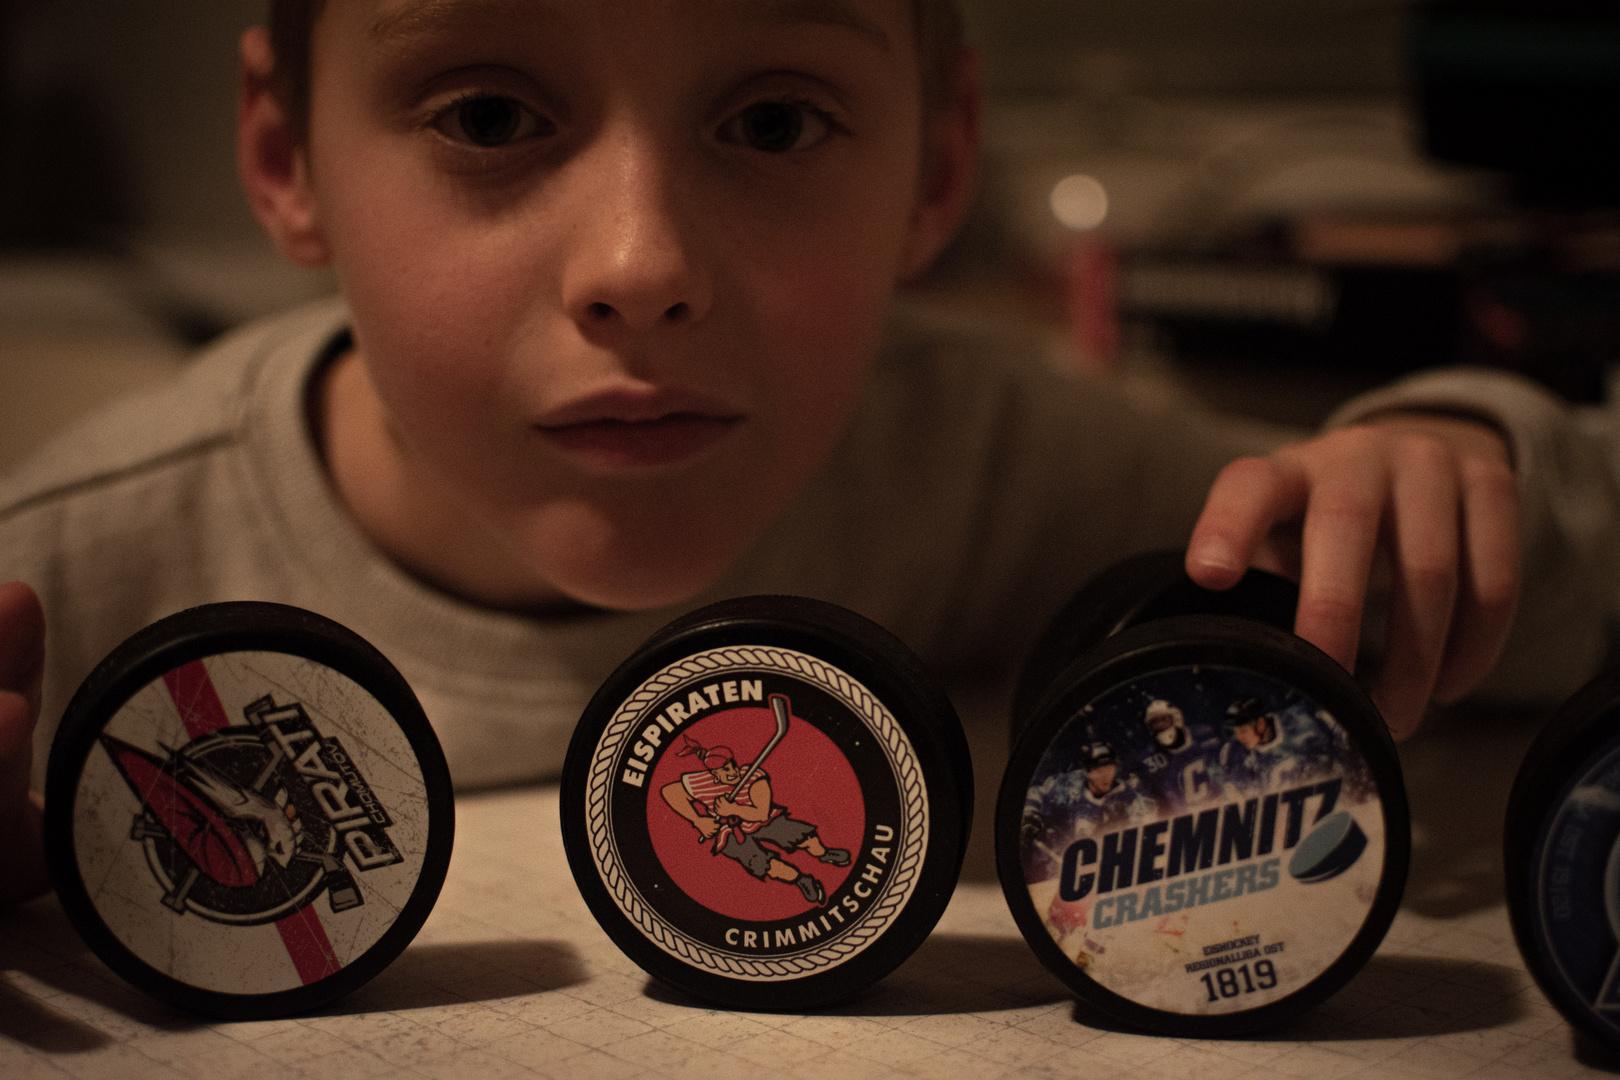 Eishockeyliebe